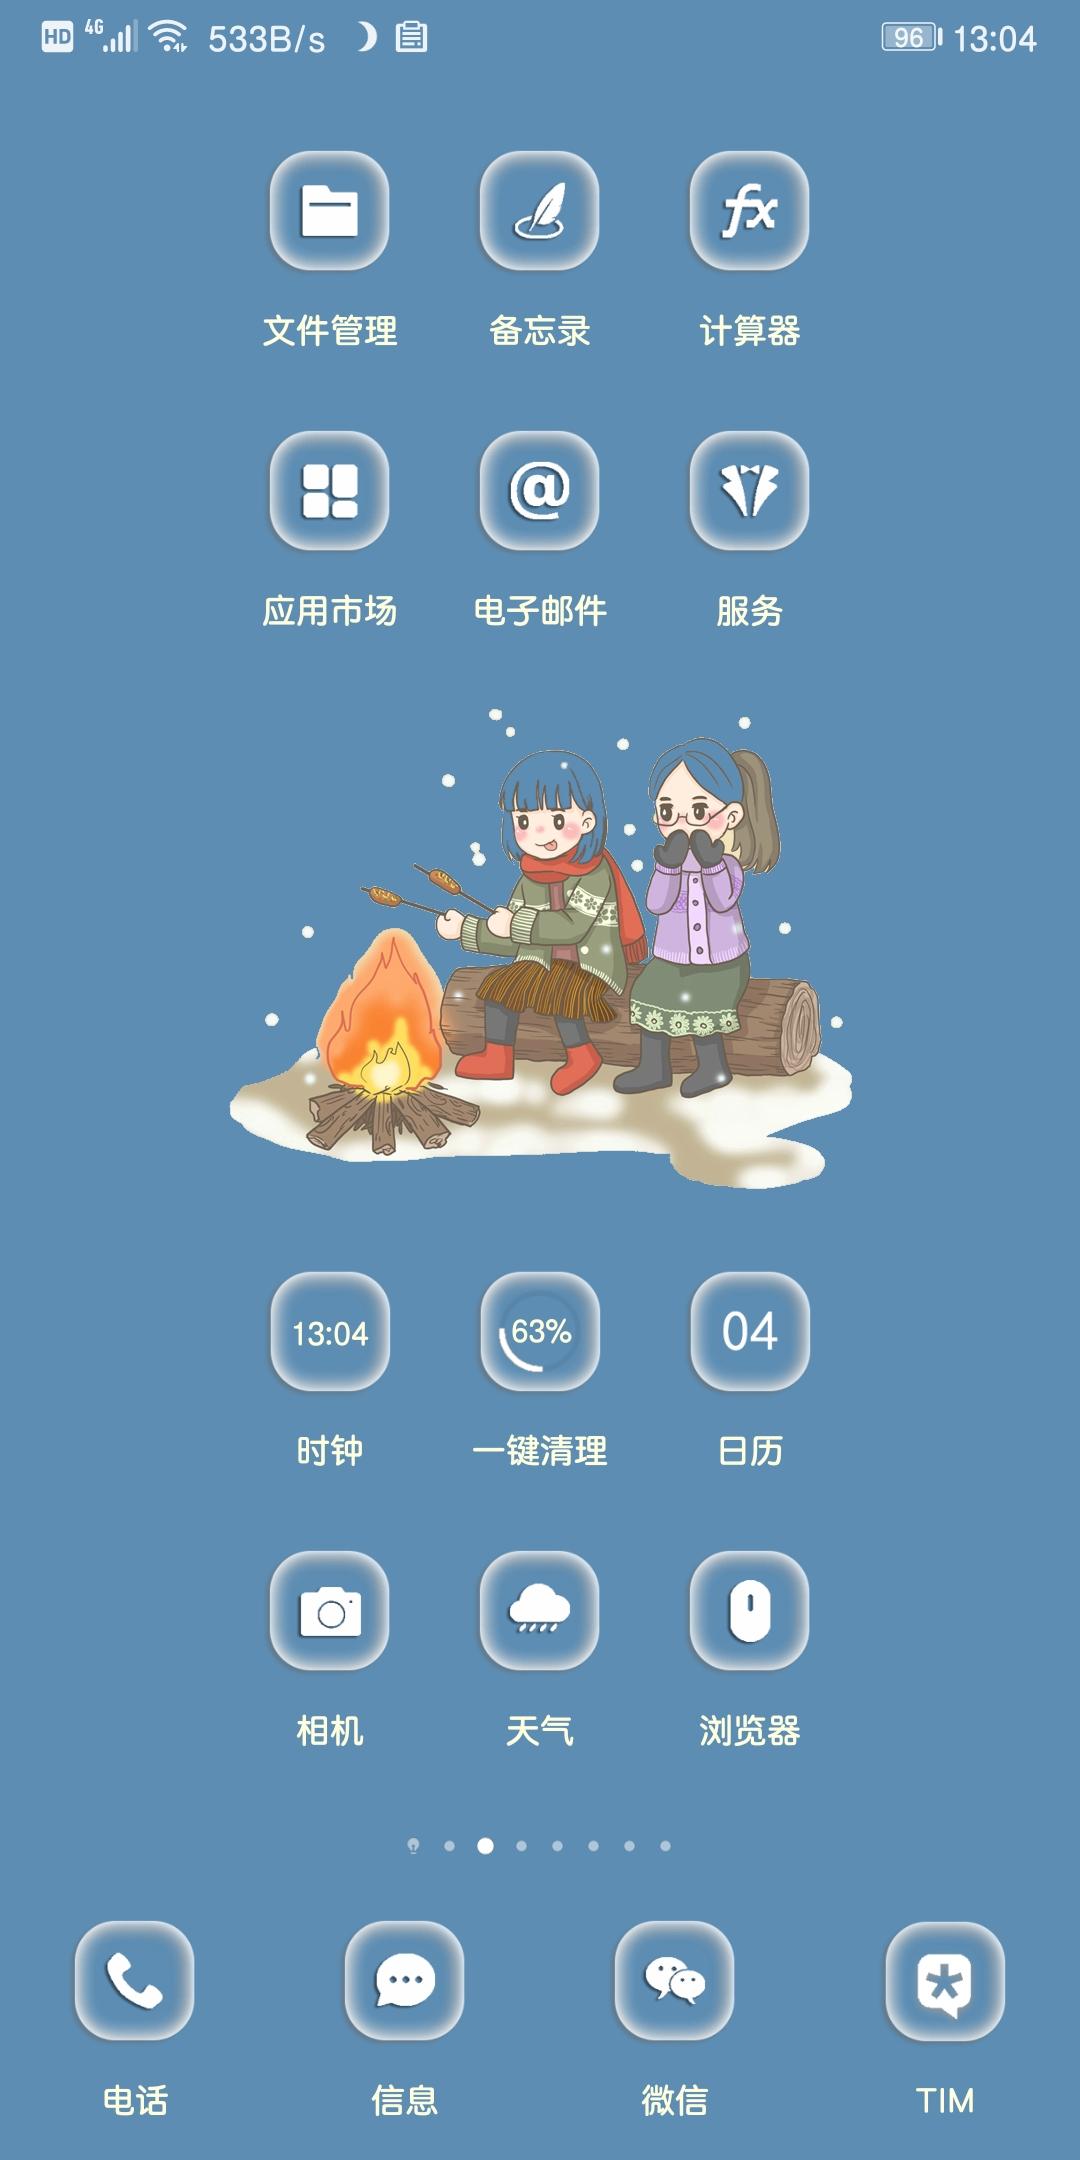 Screenshot_20200204_130405_com.huawei.android.launcher.jpg